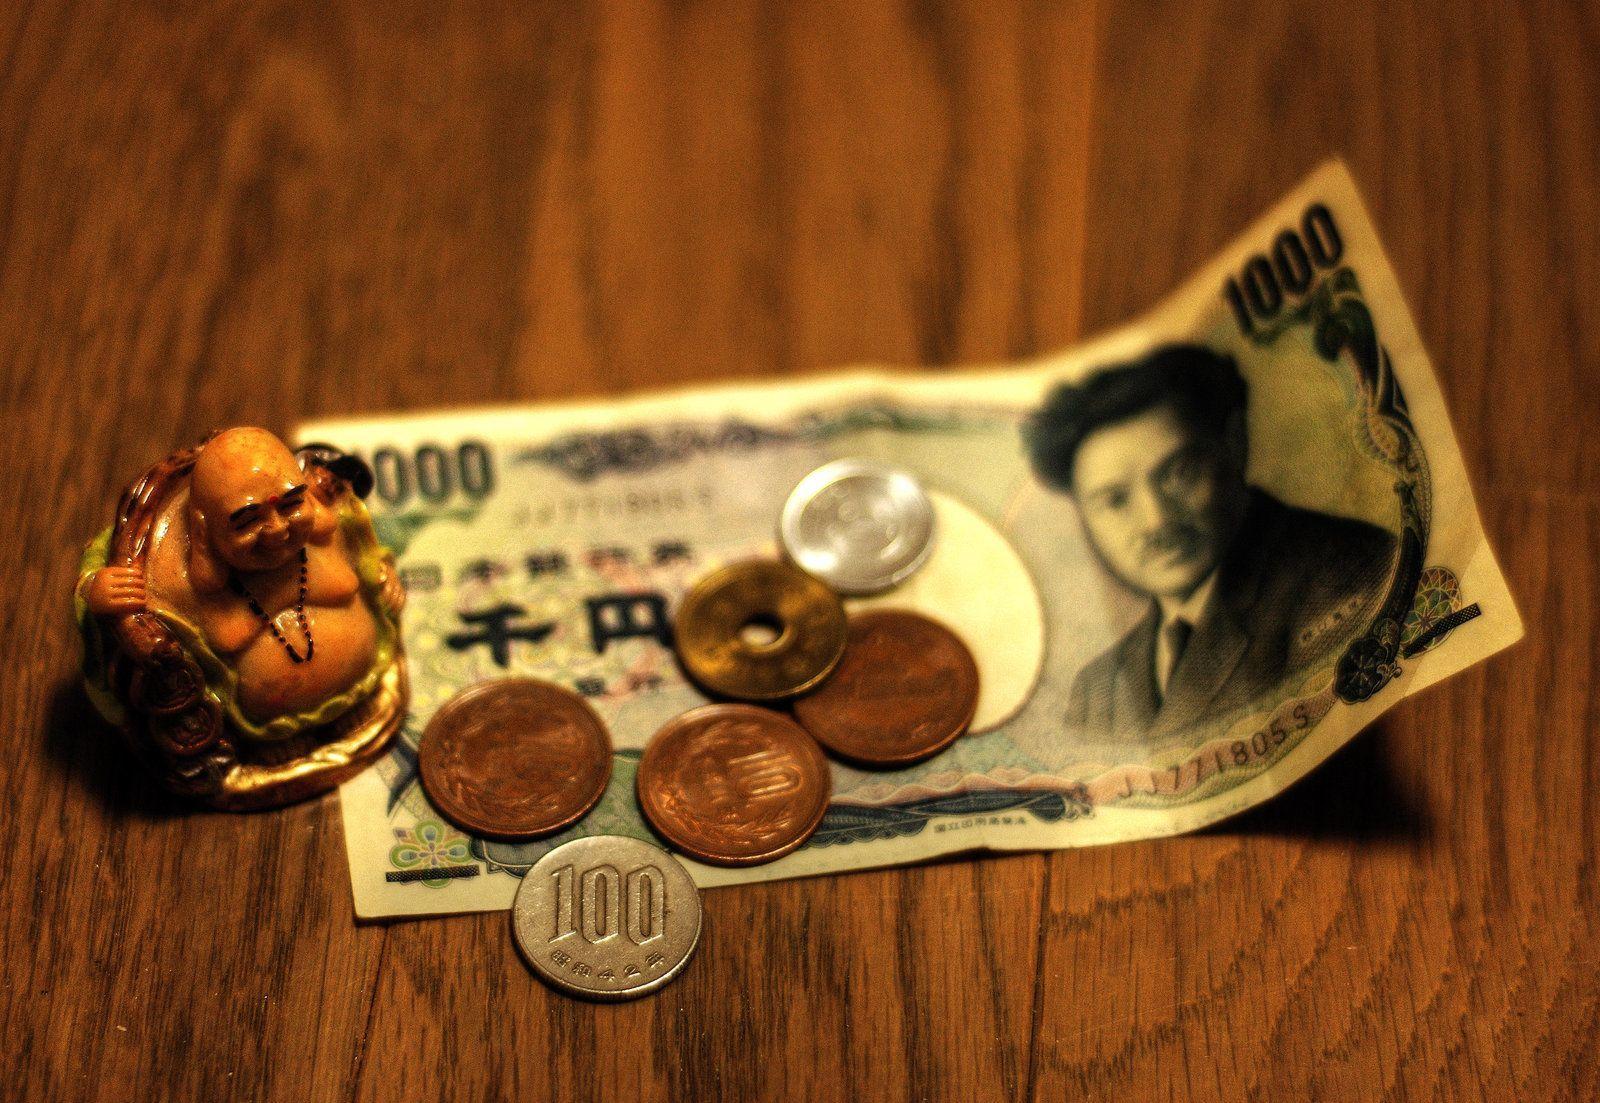 Japonia – jak zorganizować wyjazd #4: Co zrobić, aby wyjazd doJaponii był tańszy